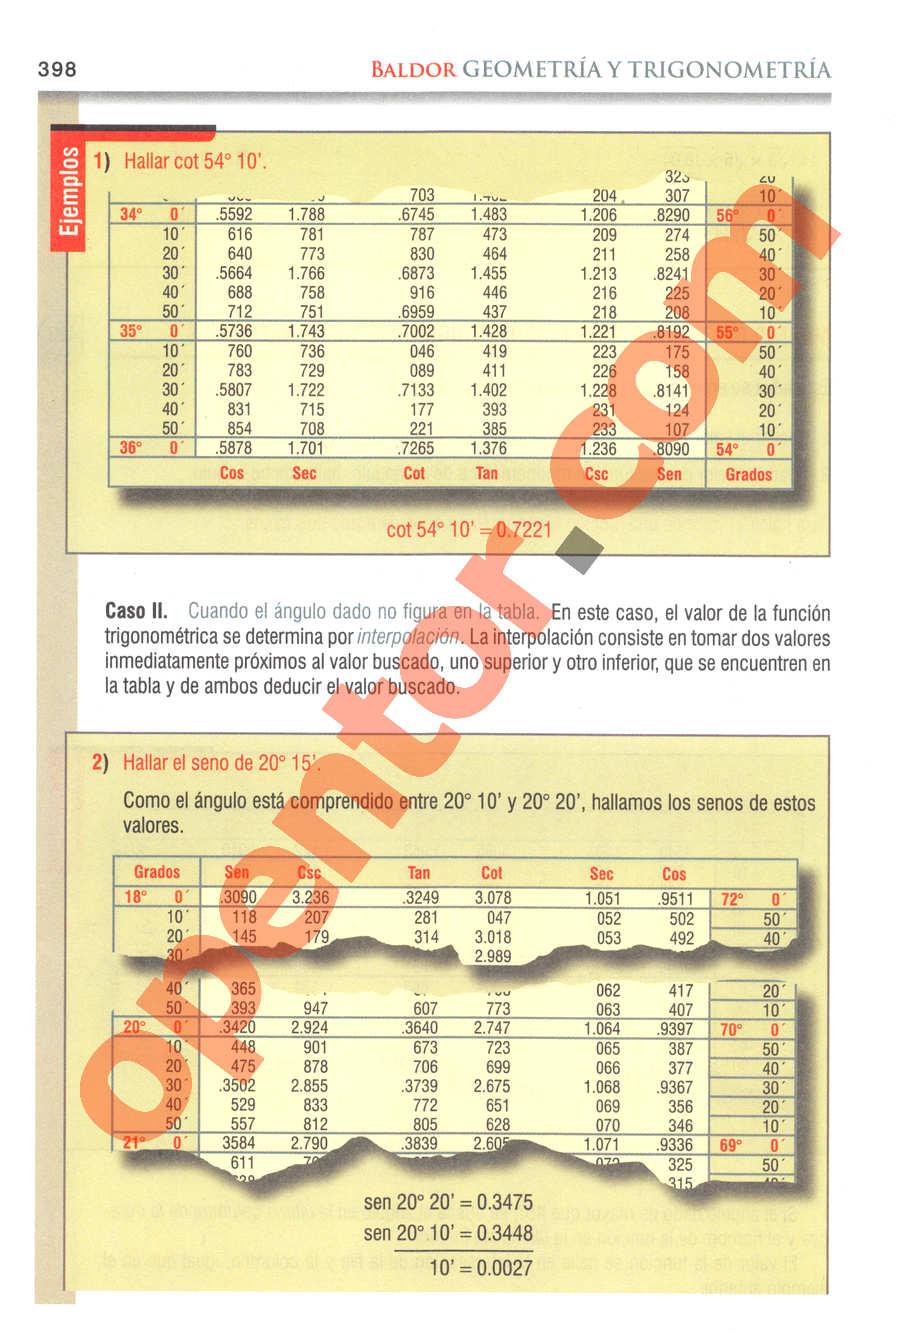 Geometría y Trigonometría de Baldor - Página 398